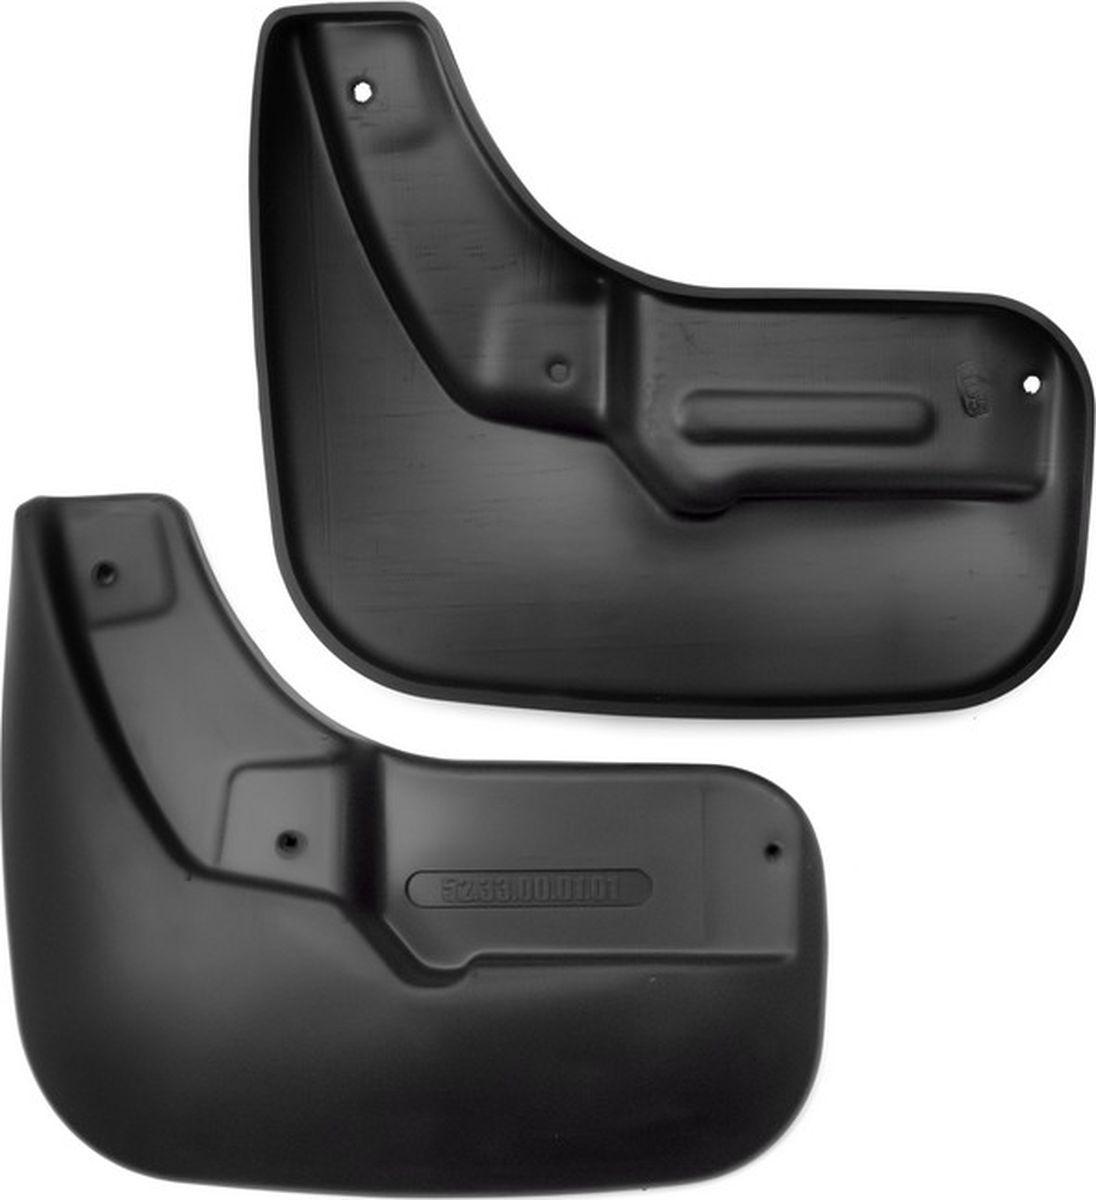 Комплект брызговиков передних Novline-Autofamily для Lada Vesta седан, 2015-, 2 штА00319Комплект Novline-Autofamily состоит из 2 передних брызговиков, изготовленных из высококачественного полиуретана. Изделия эффективно защищают кузов автомобиля от грязи и воды, формируют аэродинамический поток воздуха, создаваемый при движении вокруг кузова таким образом, чтобы максимально уменьшить образование грязевой измороси, оседающей на автомобиле. Разработаны индивидуально для каждой модели автомобиля. С эстетической точки зрения брызговики являются завершением колесных арок.